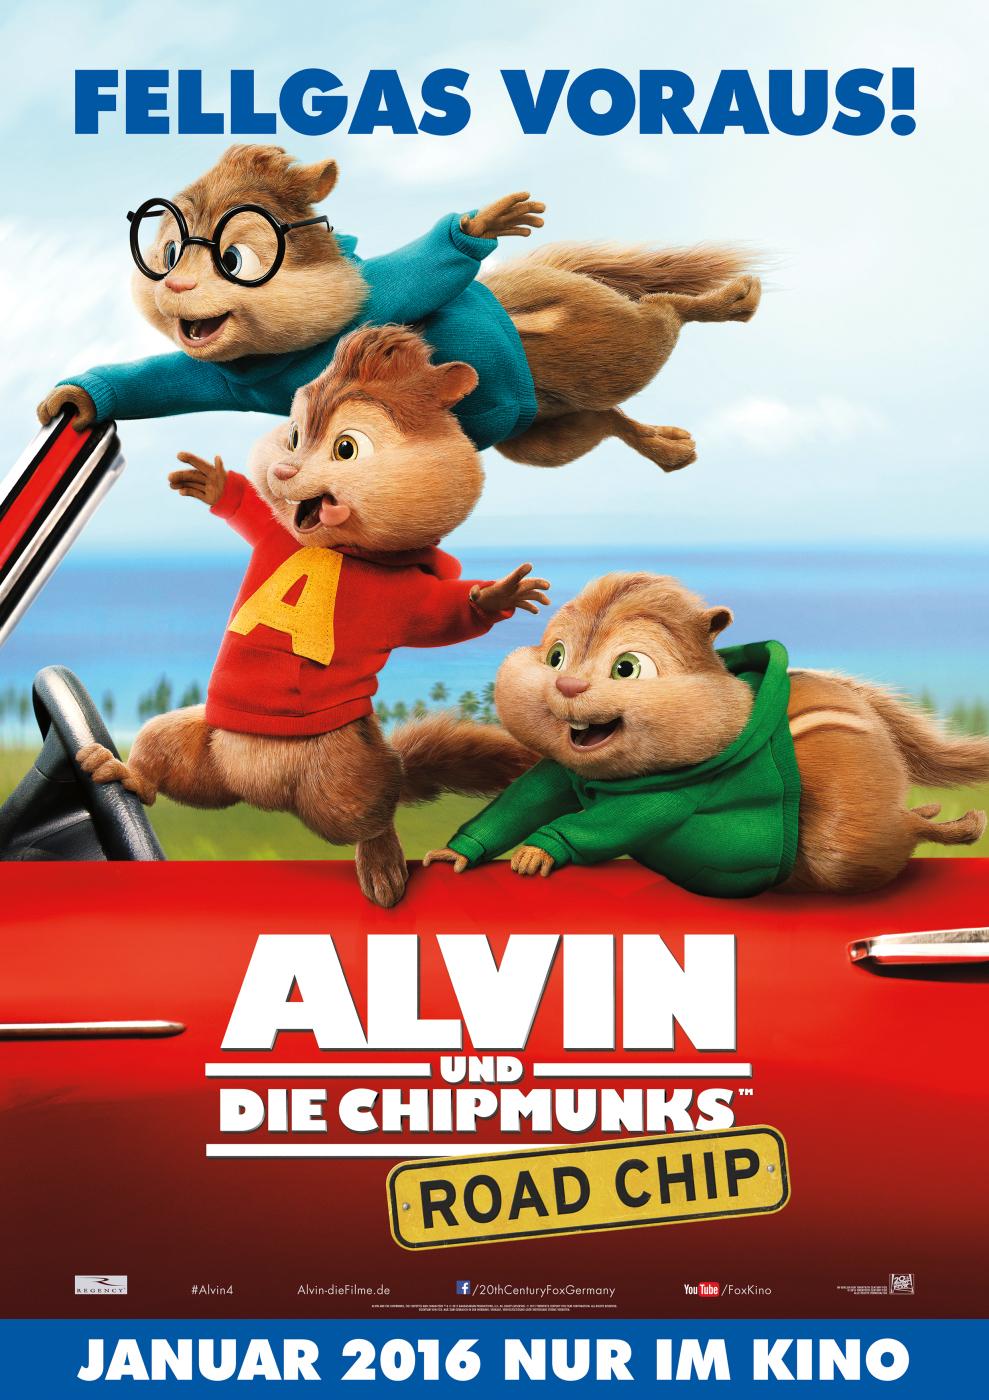 Alvin Und Die Chipmunks: Road Chip - Film 2015 - Filmstarts.de für Alvin Und Die Chipmunks 4 Trailer